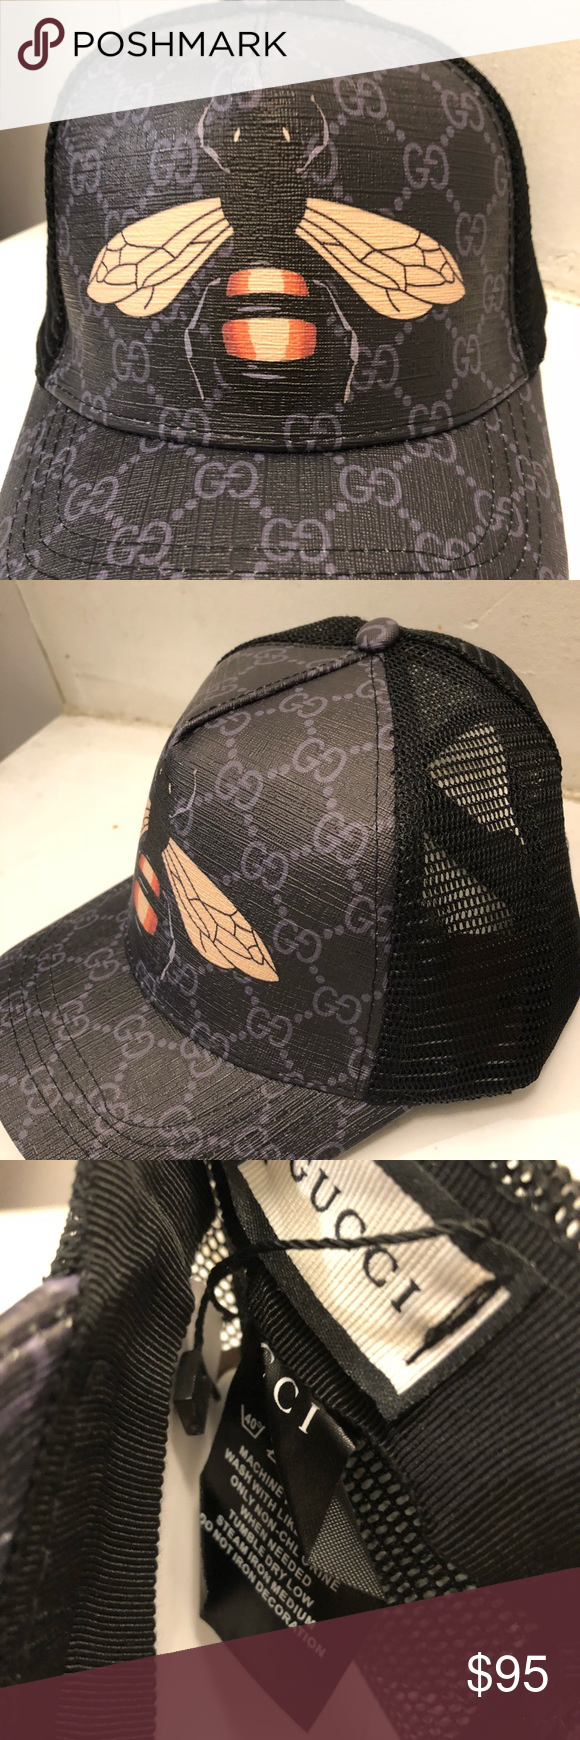 Black bee design Gucci hat Trucker style  0d315e37501